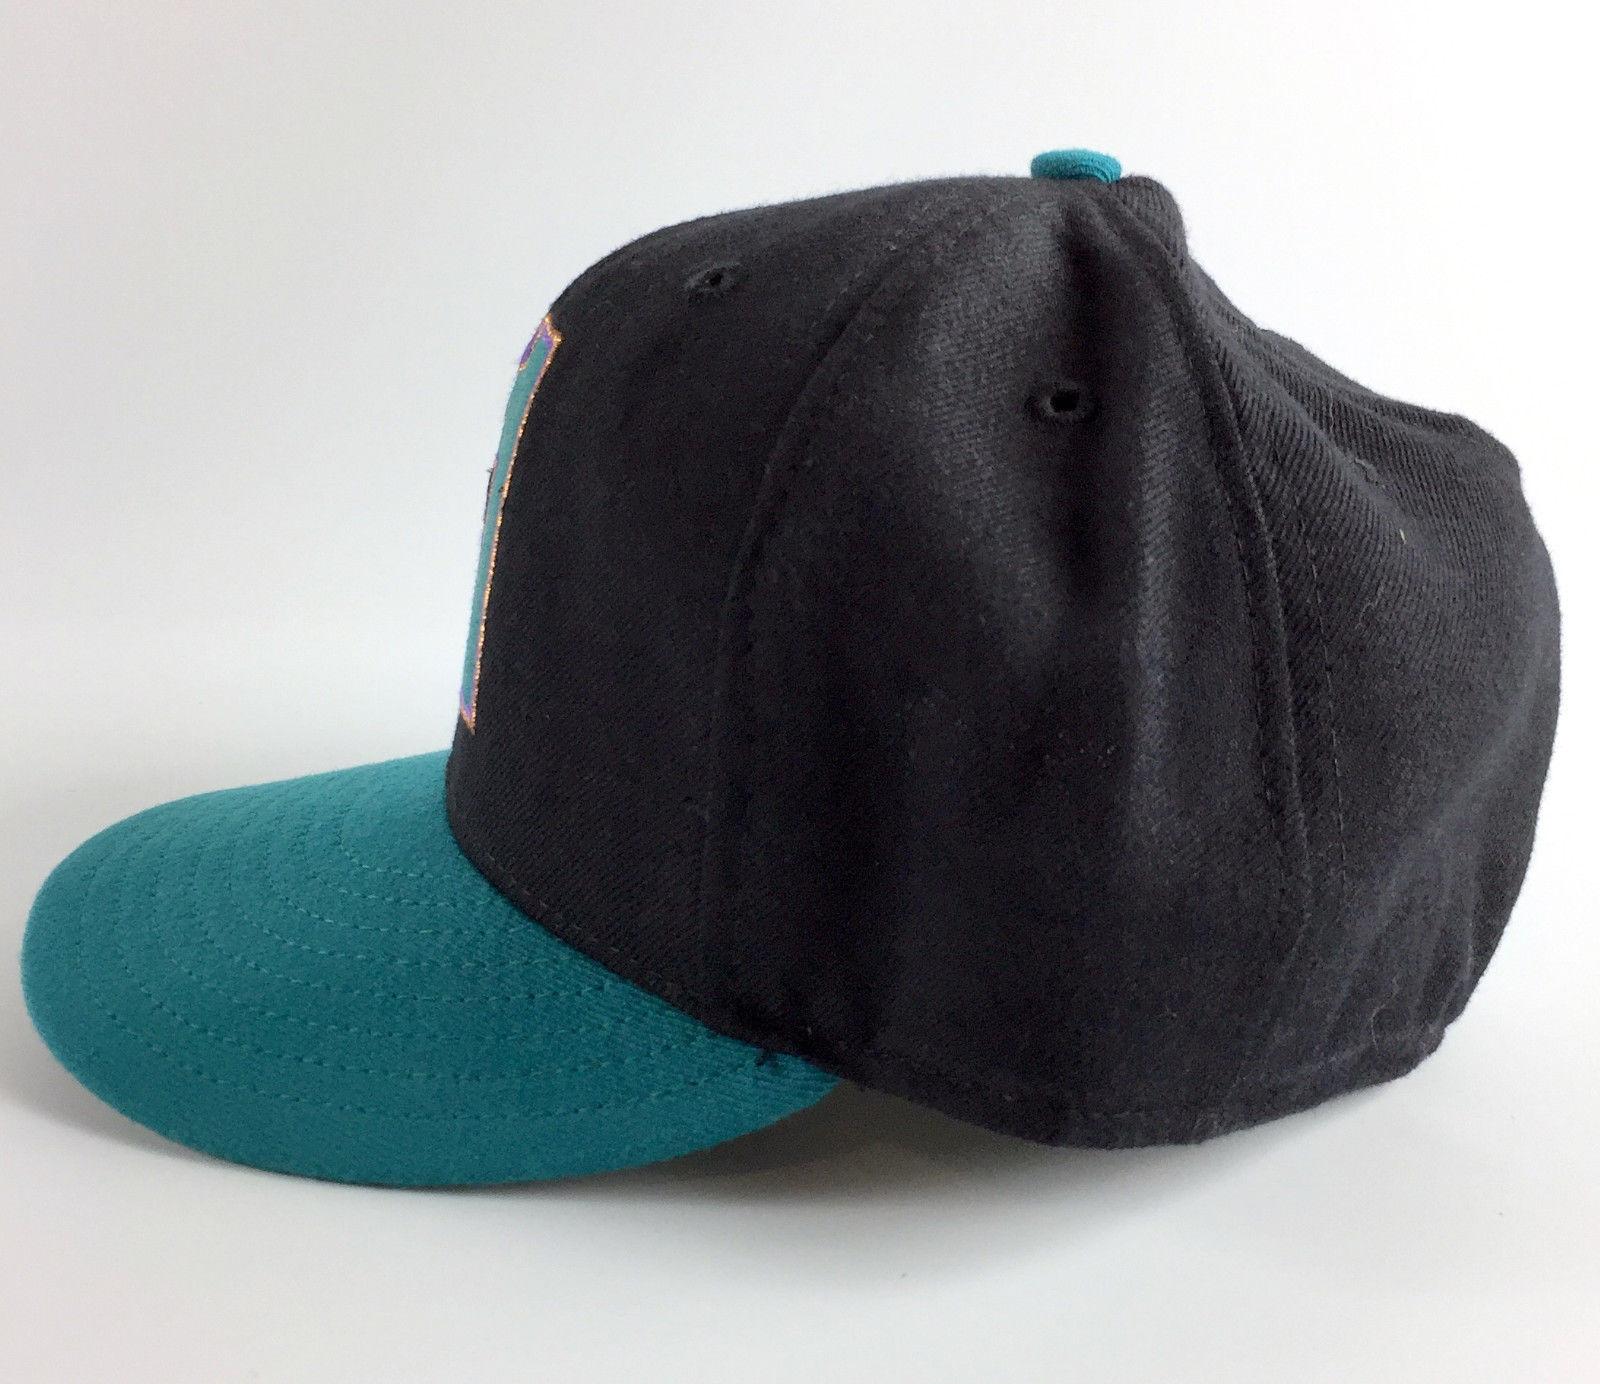 Arizona Diamondbacks Fitted Baseball Hat New Era 5950 Model Teal - 7 3/8 Vintage